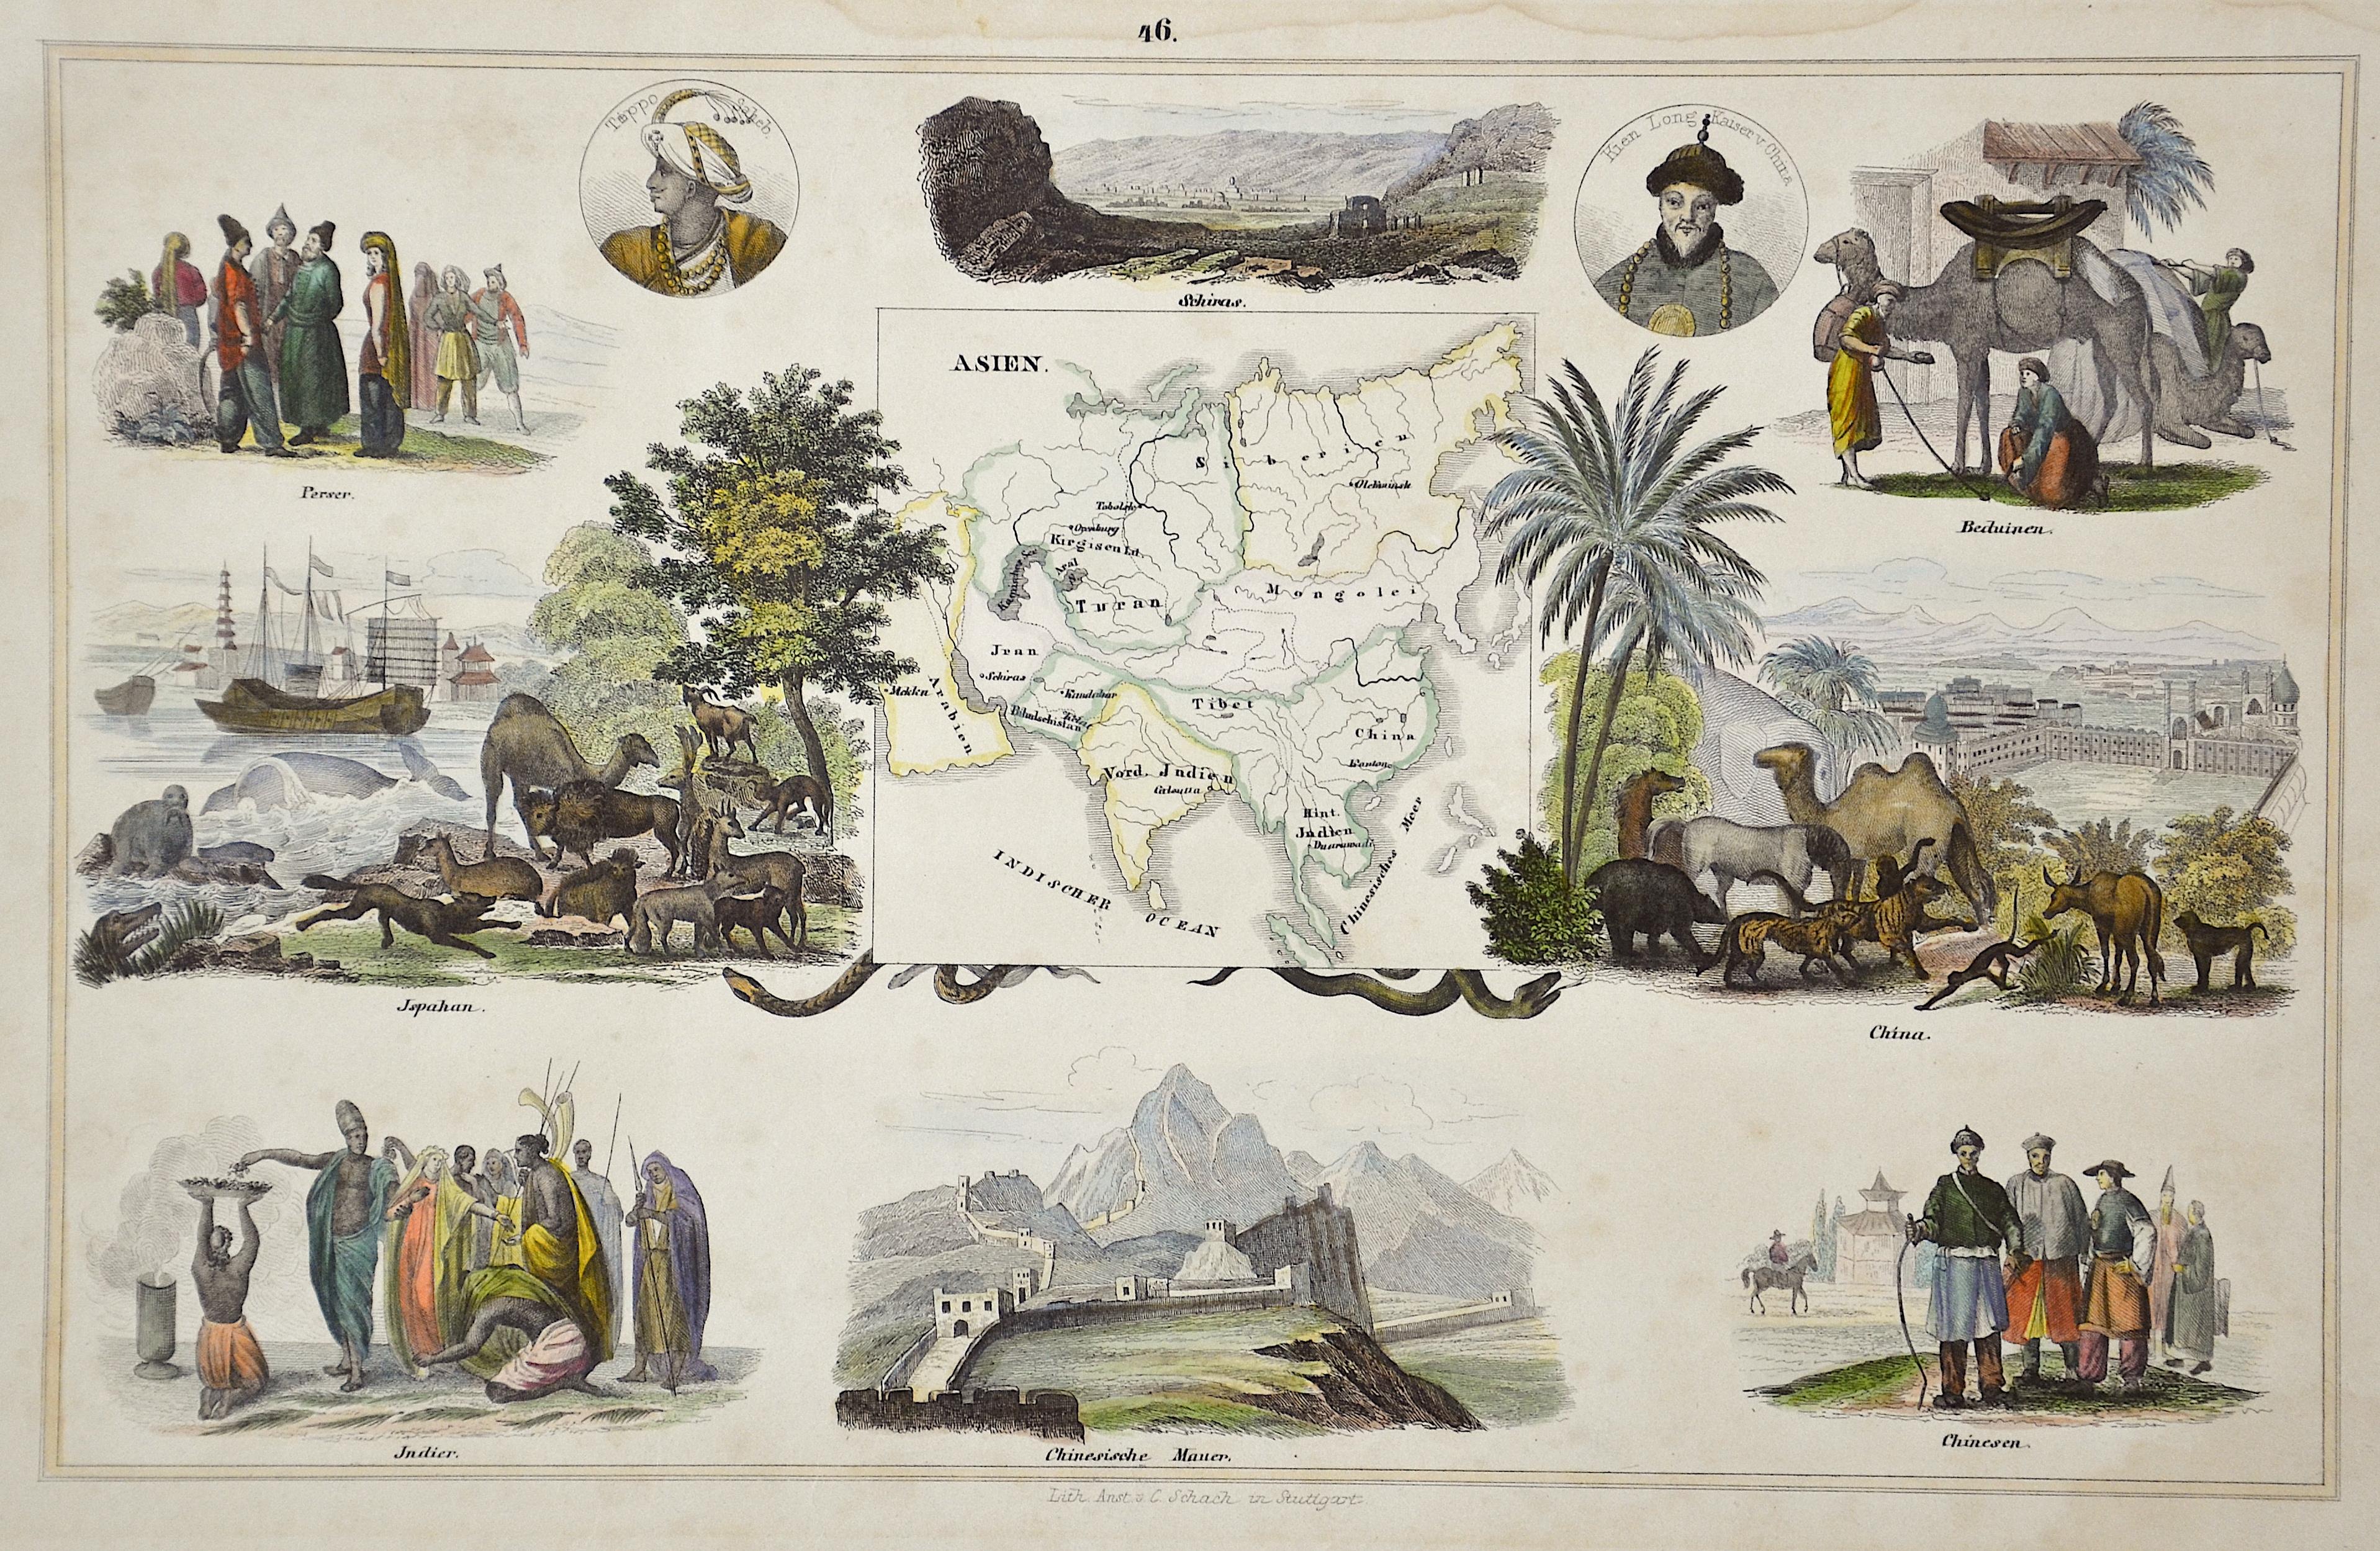 Schach Lithographische Anstalt C. 46. Asien.